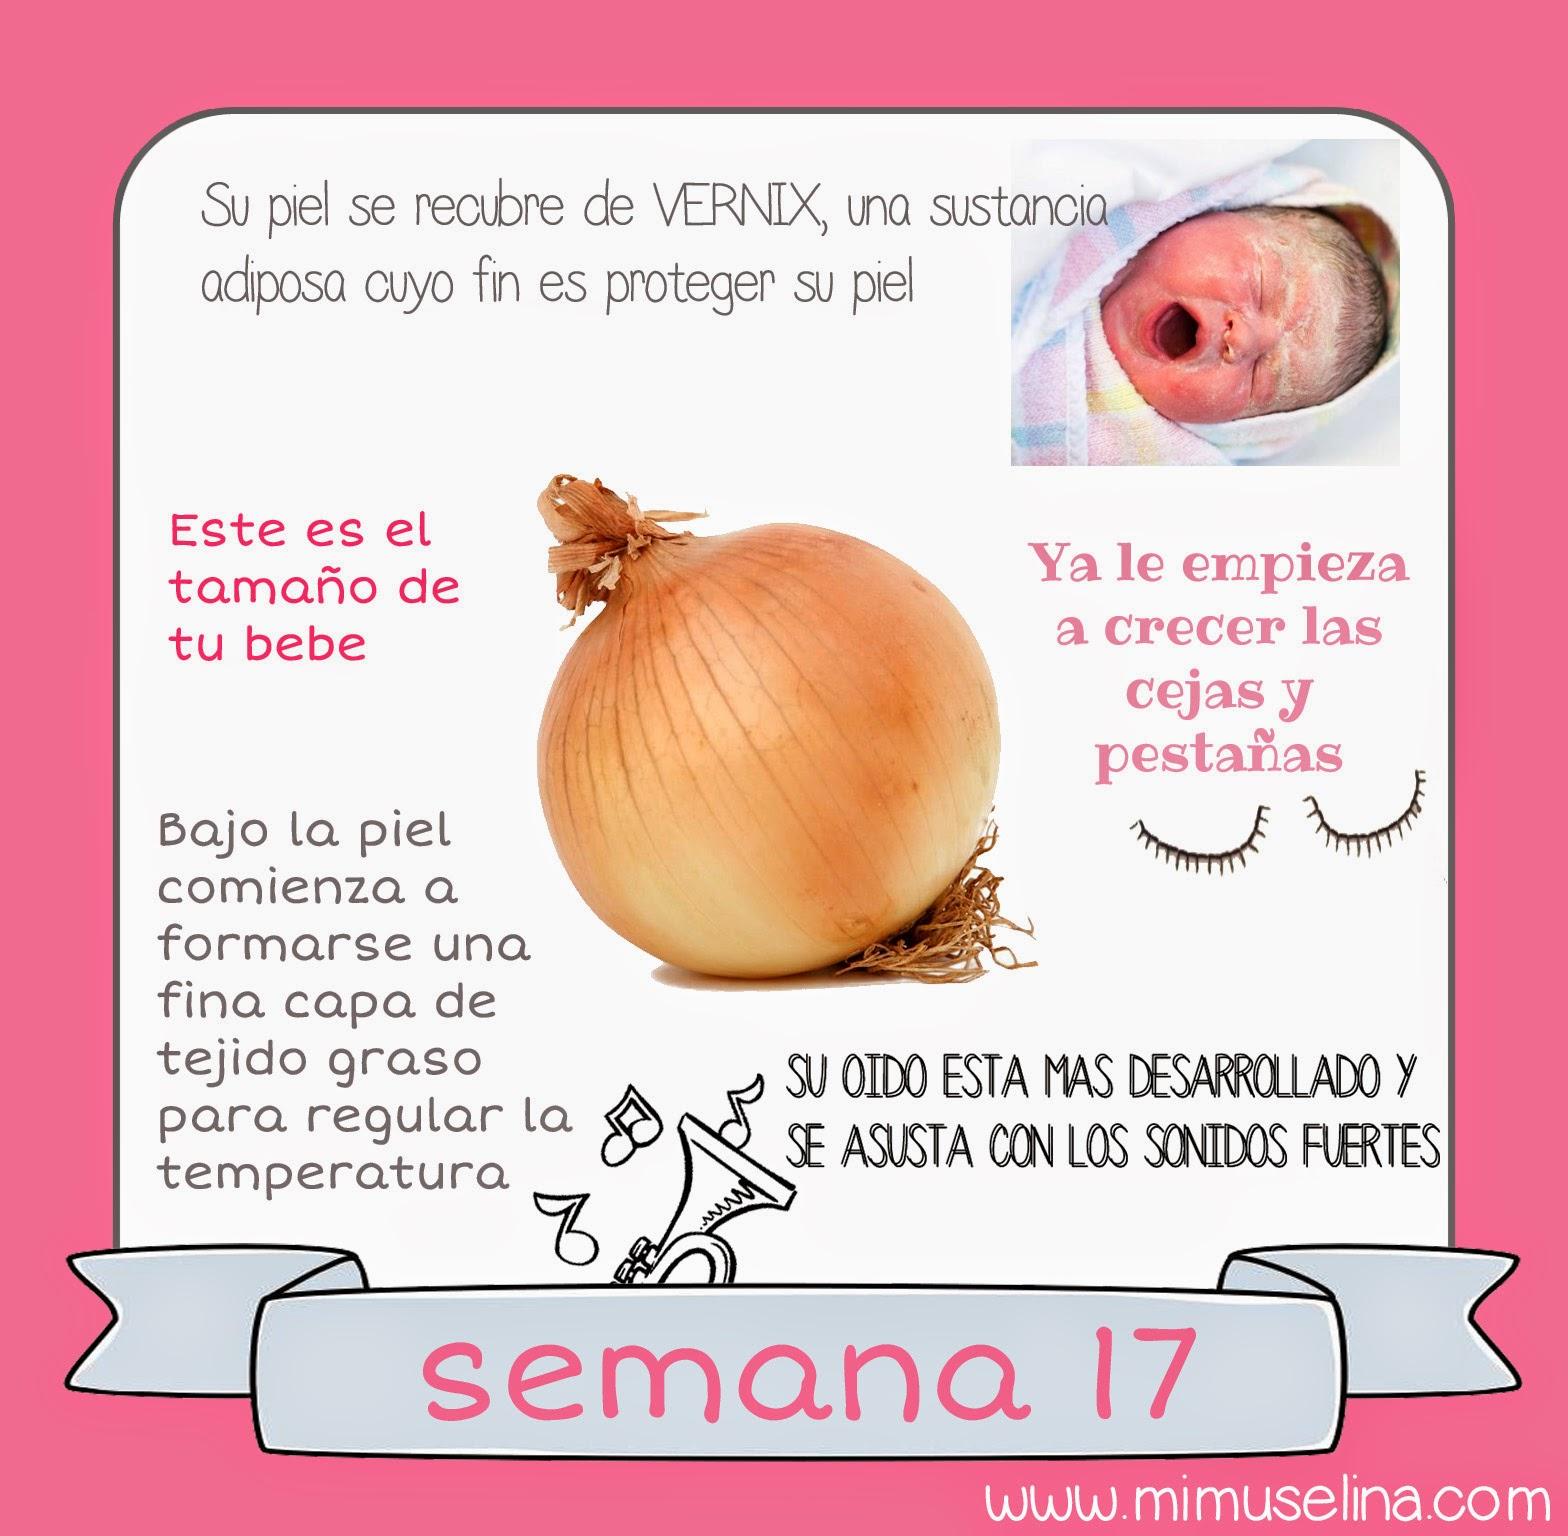 Bebeblog by mimuselina tu beb semana a semana - 15 semanas de embarazo cuantos meses son ...